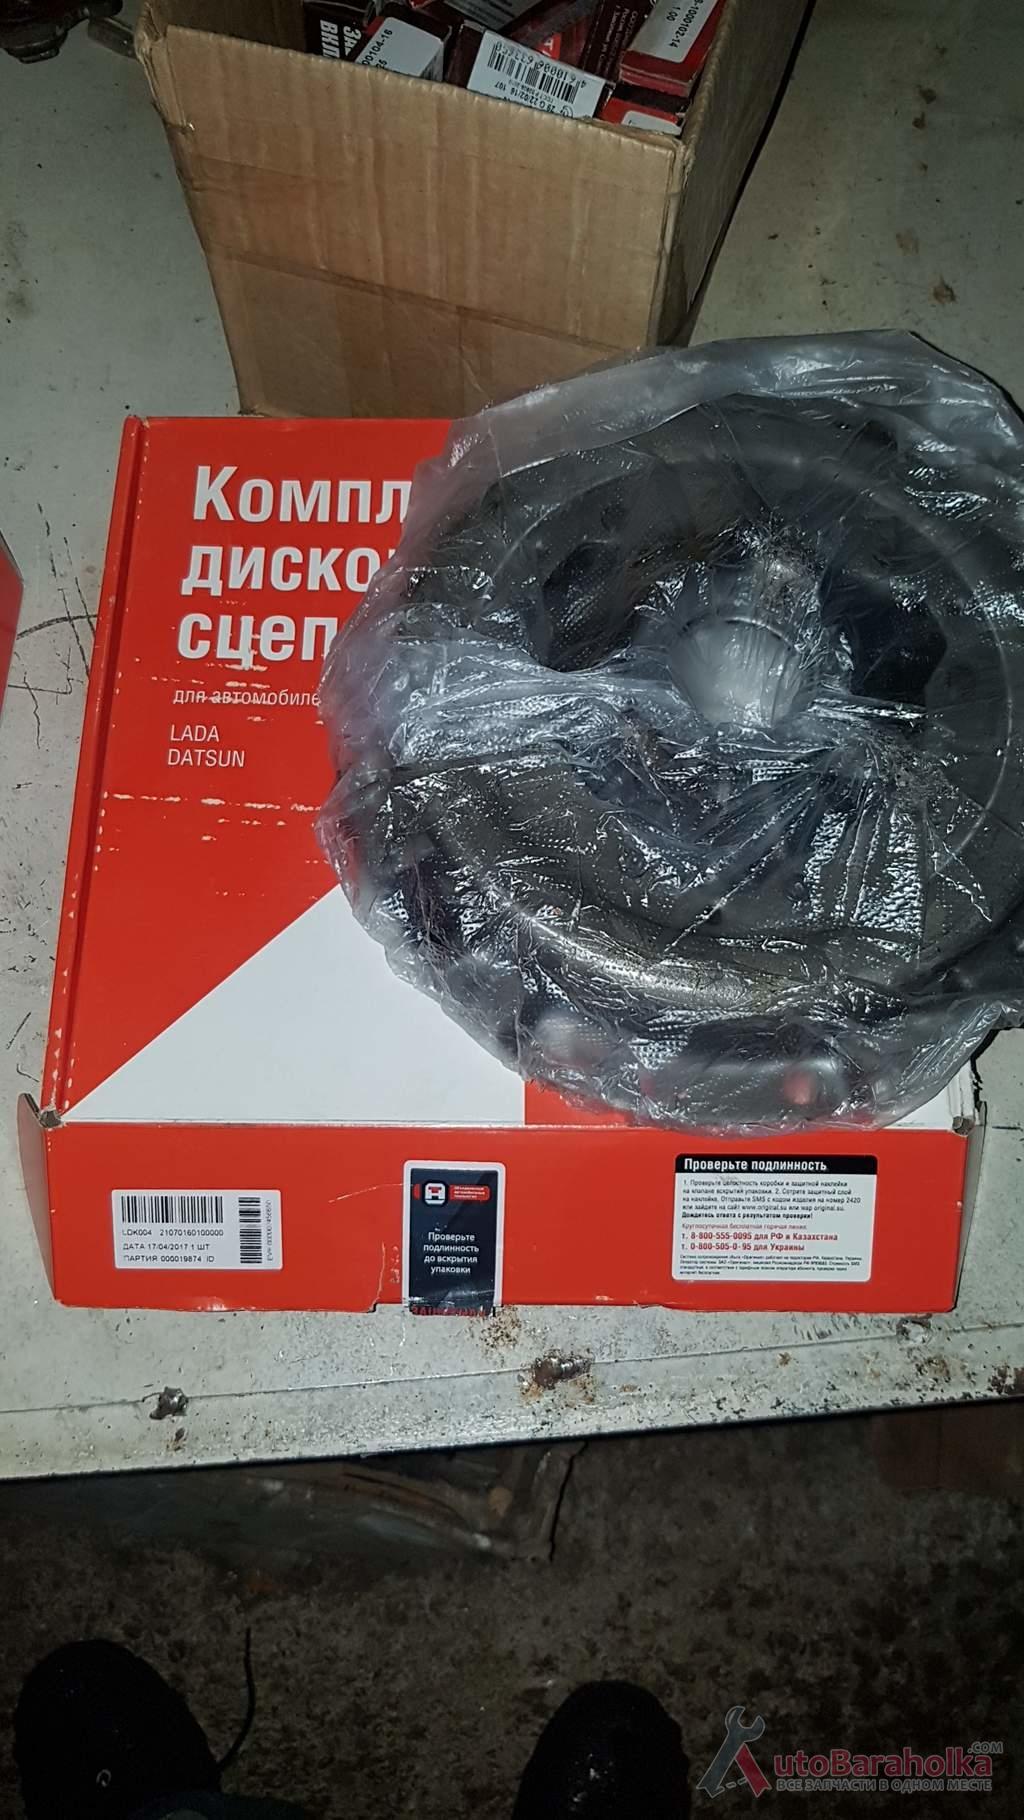 Продам Сцепление ВАЗ 2103 2106 2121 21213 2108-09 2115 2112 новое Польша. Чехия комплект. также есть valeo Полтава